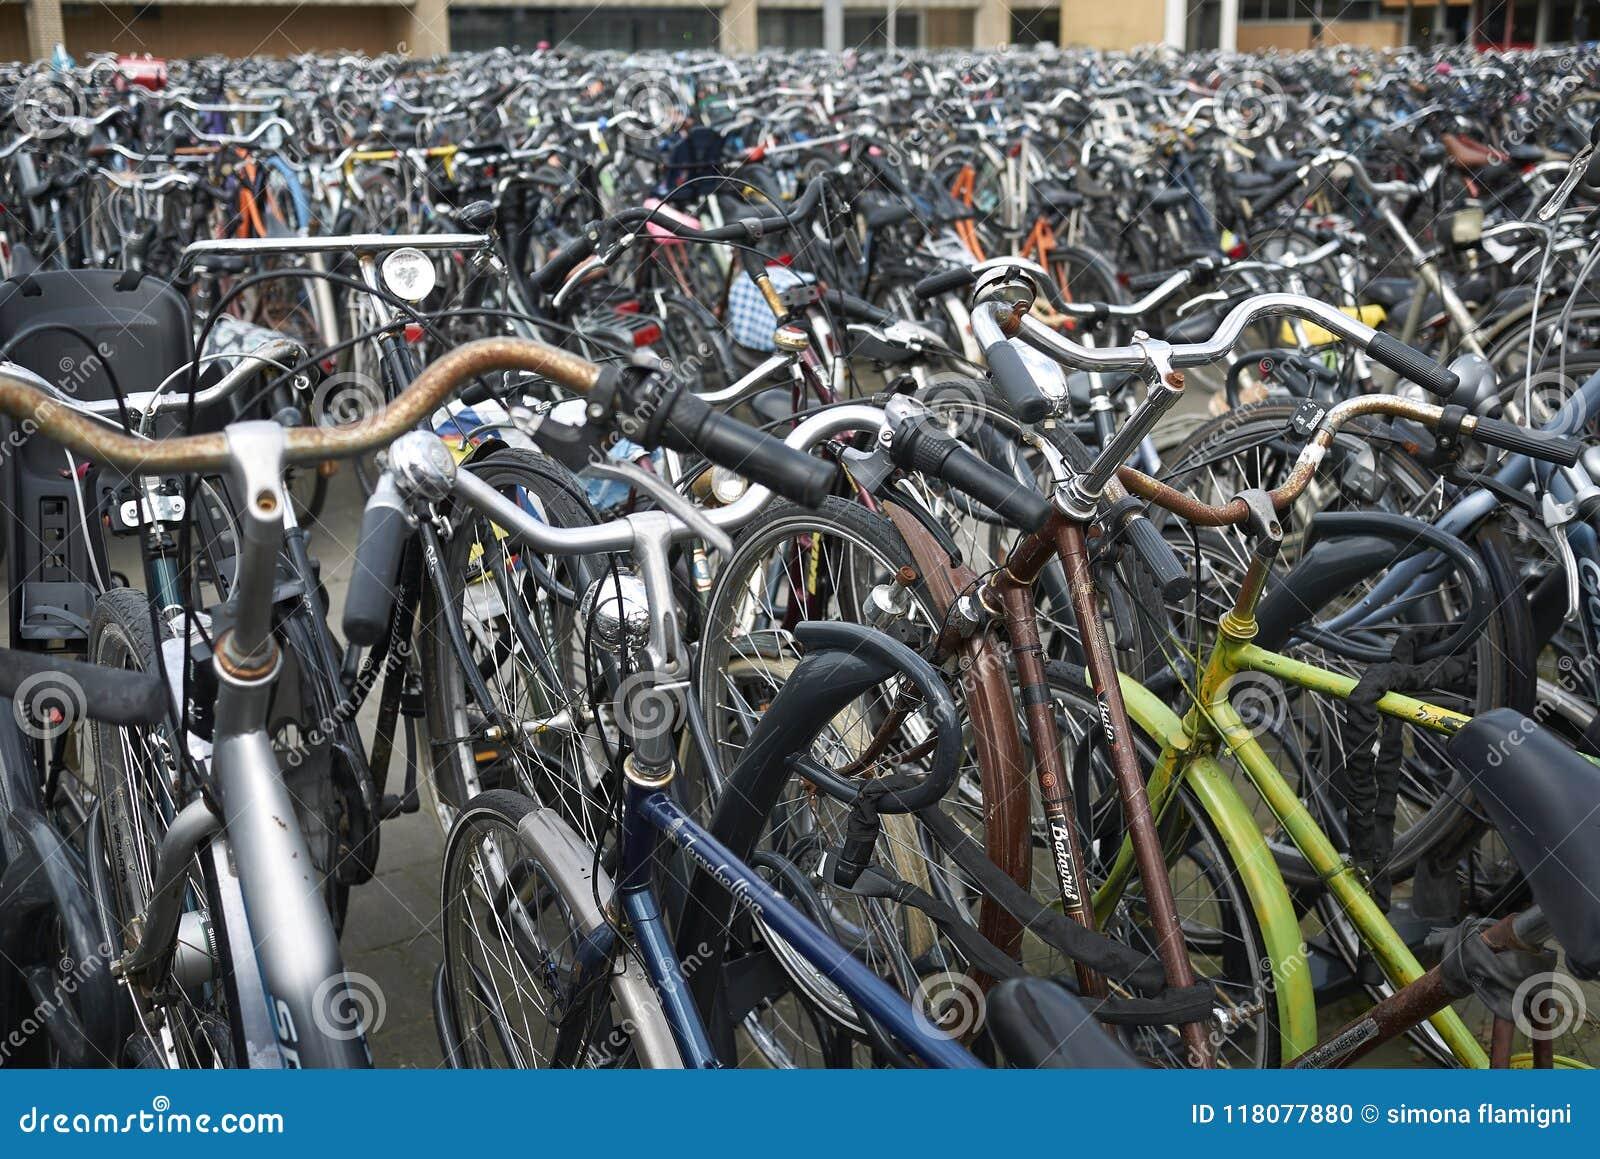 Bike parking near railway station